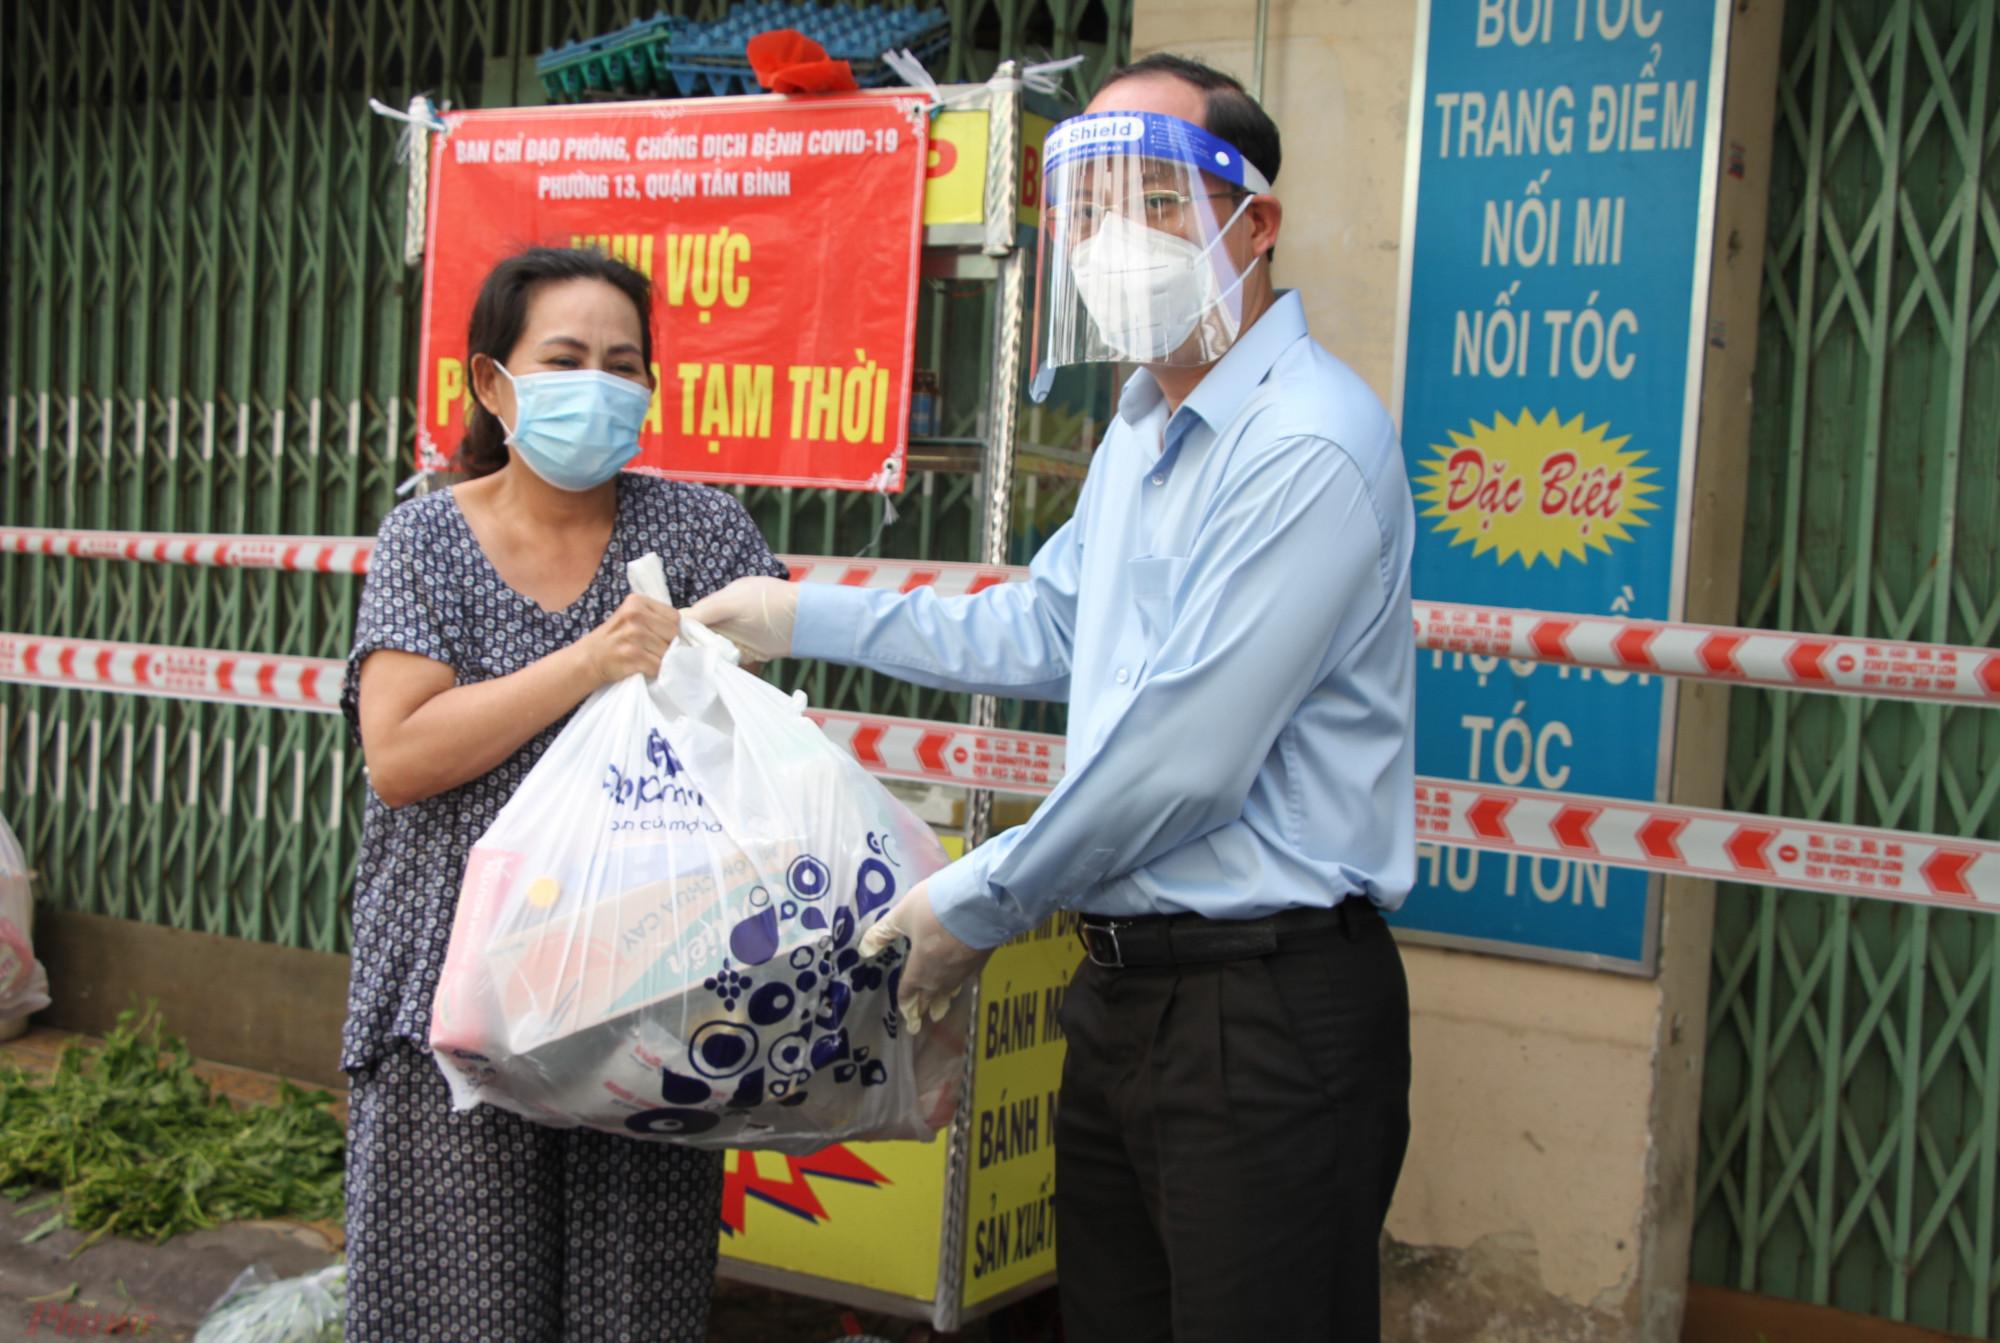 Phó bí thư Thành ủy TPHCM Nguyễn Hồ Hải trao quà động viên lực lượng trực chốt, và người dân có hoàn cảnh khó khăn bên trong khu phong tỏa hẻm 56, đường Văn Chung, phường 13, quận Tân Bình